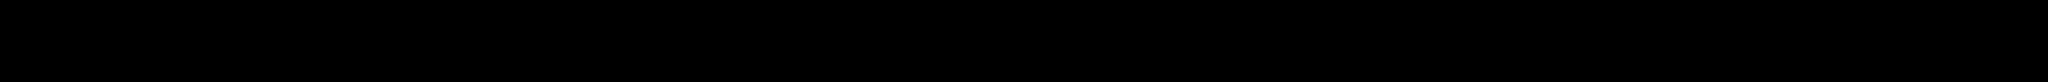 BOSCH 61 61 1 362 189, 61 61 1 365 991, 61 61 1 367 130, 450, 5E 5840 Viskerblad